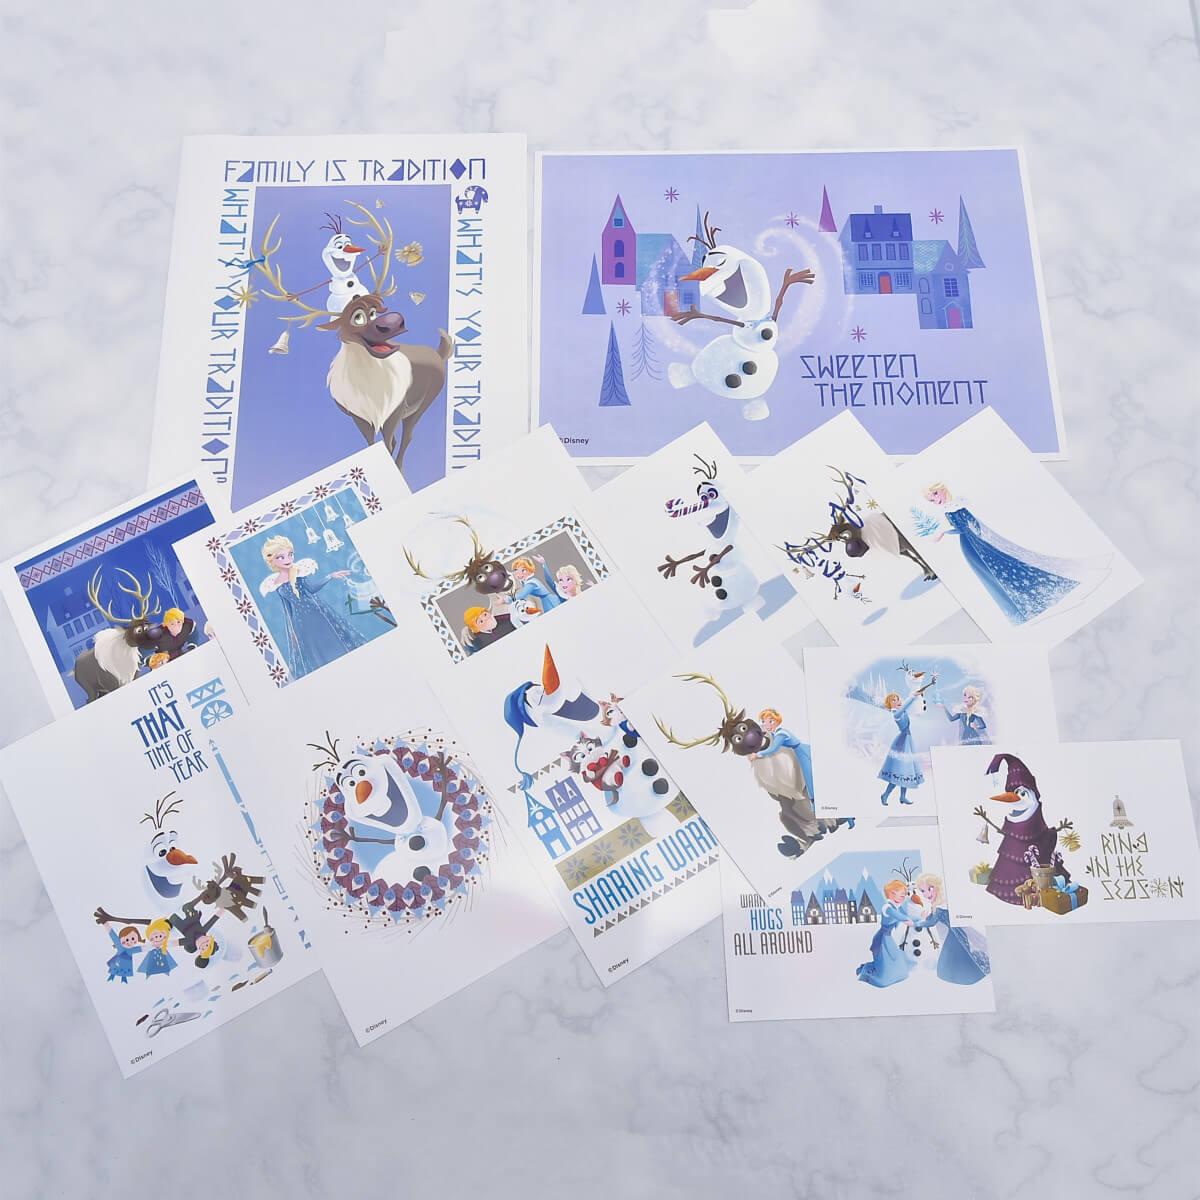 Disney『アナと雪の女王/家族の思い出』ブロマイドくじ